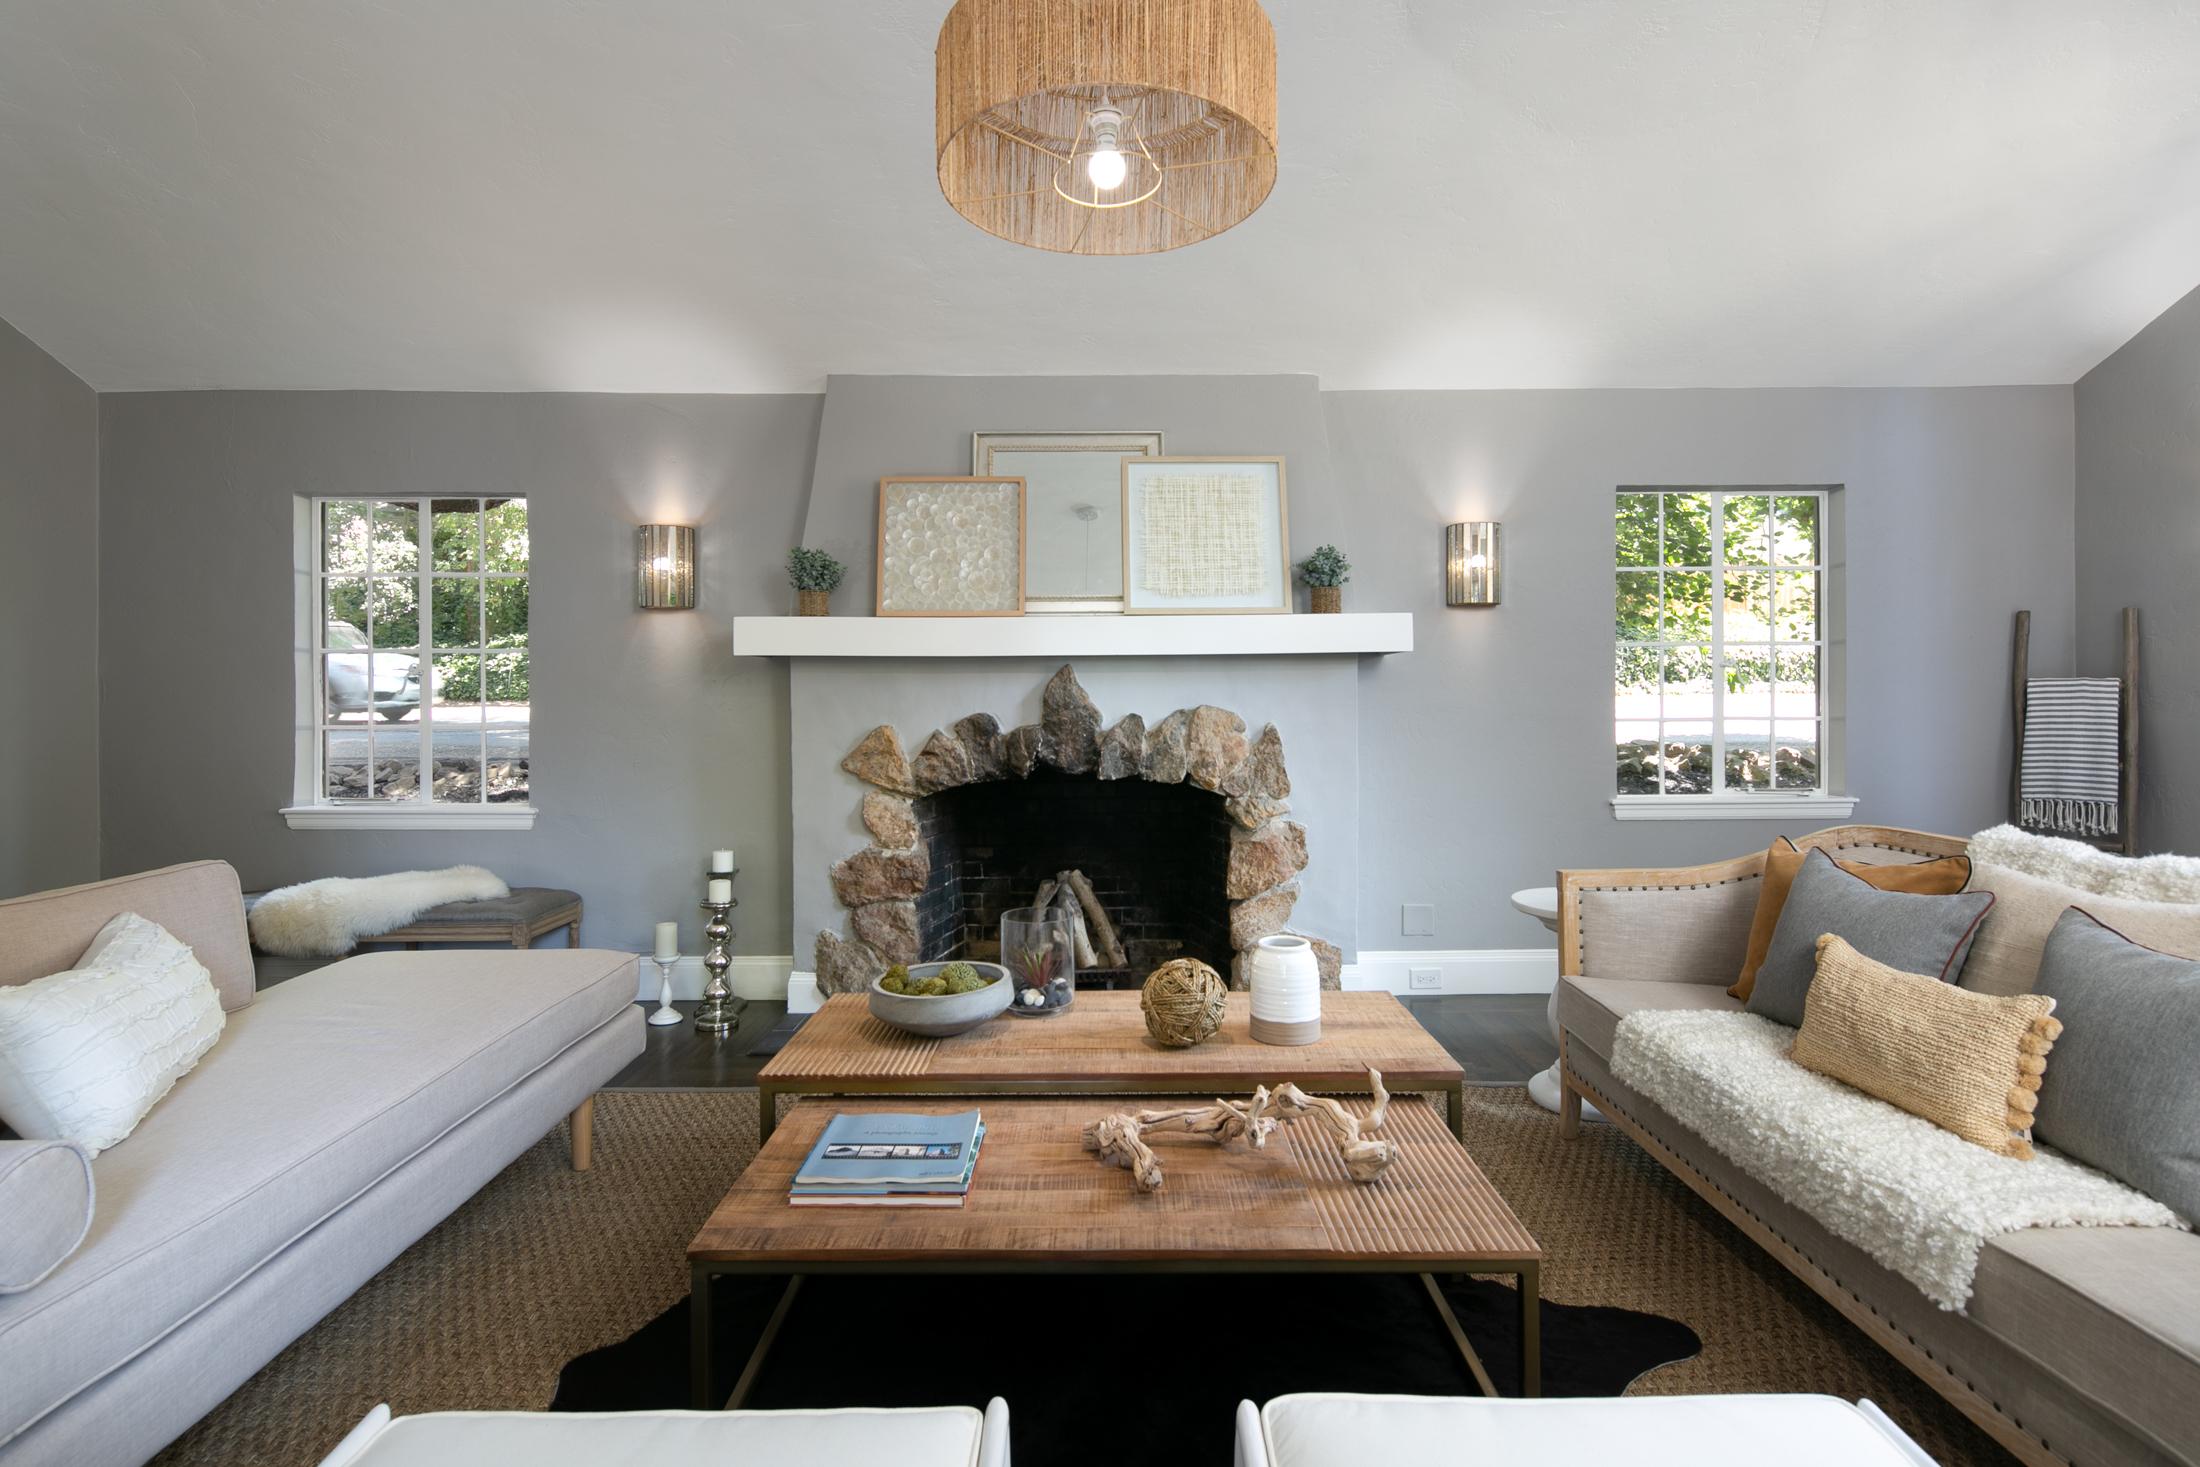 Crocker Highlands, Oakland CA 94611 House for Sale